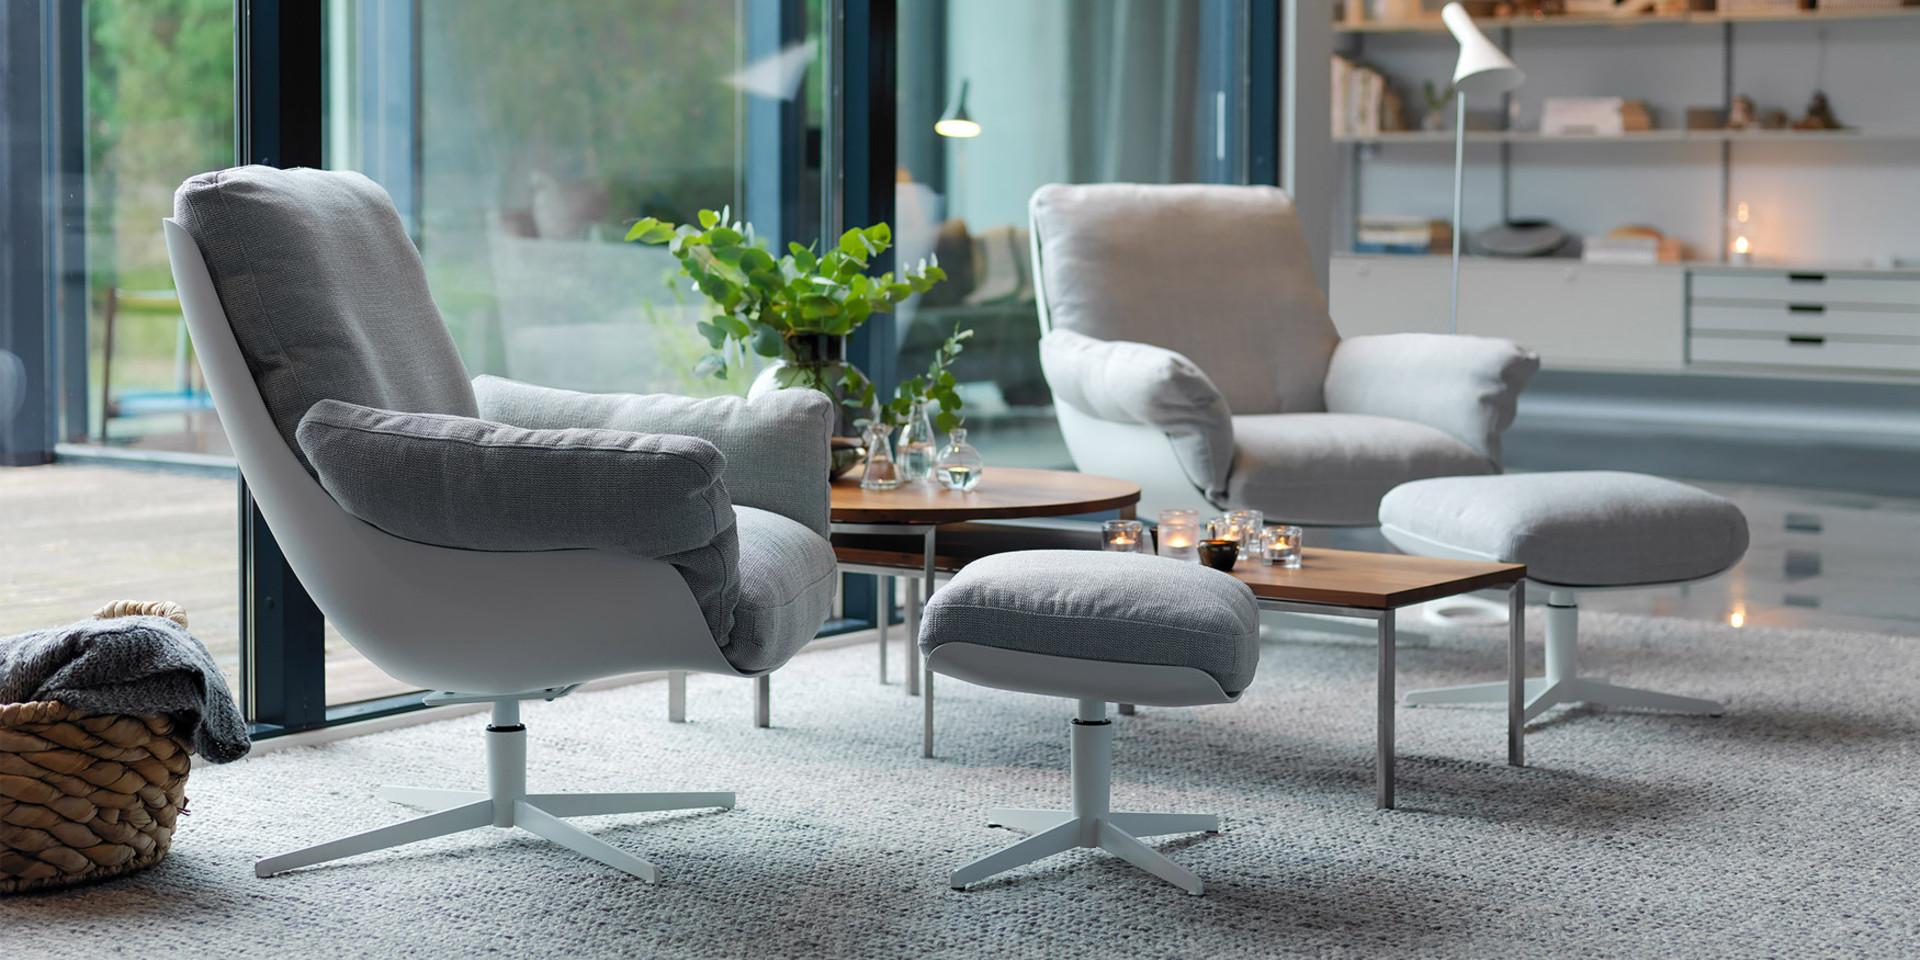 Fotel Sits w promocyjnej cenie w Internity Home